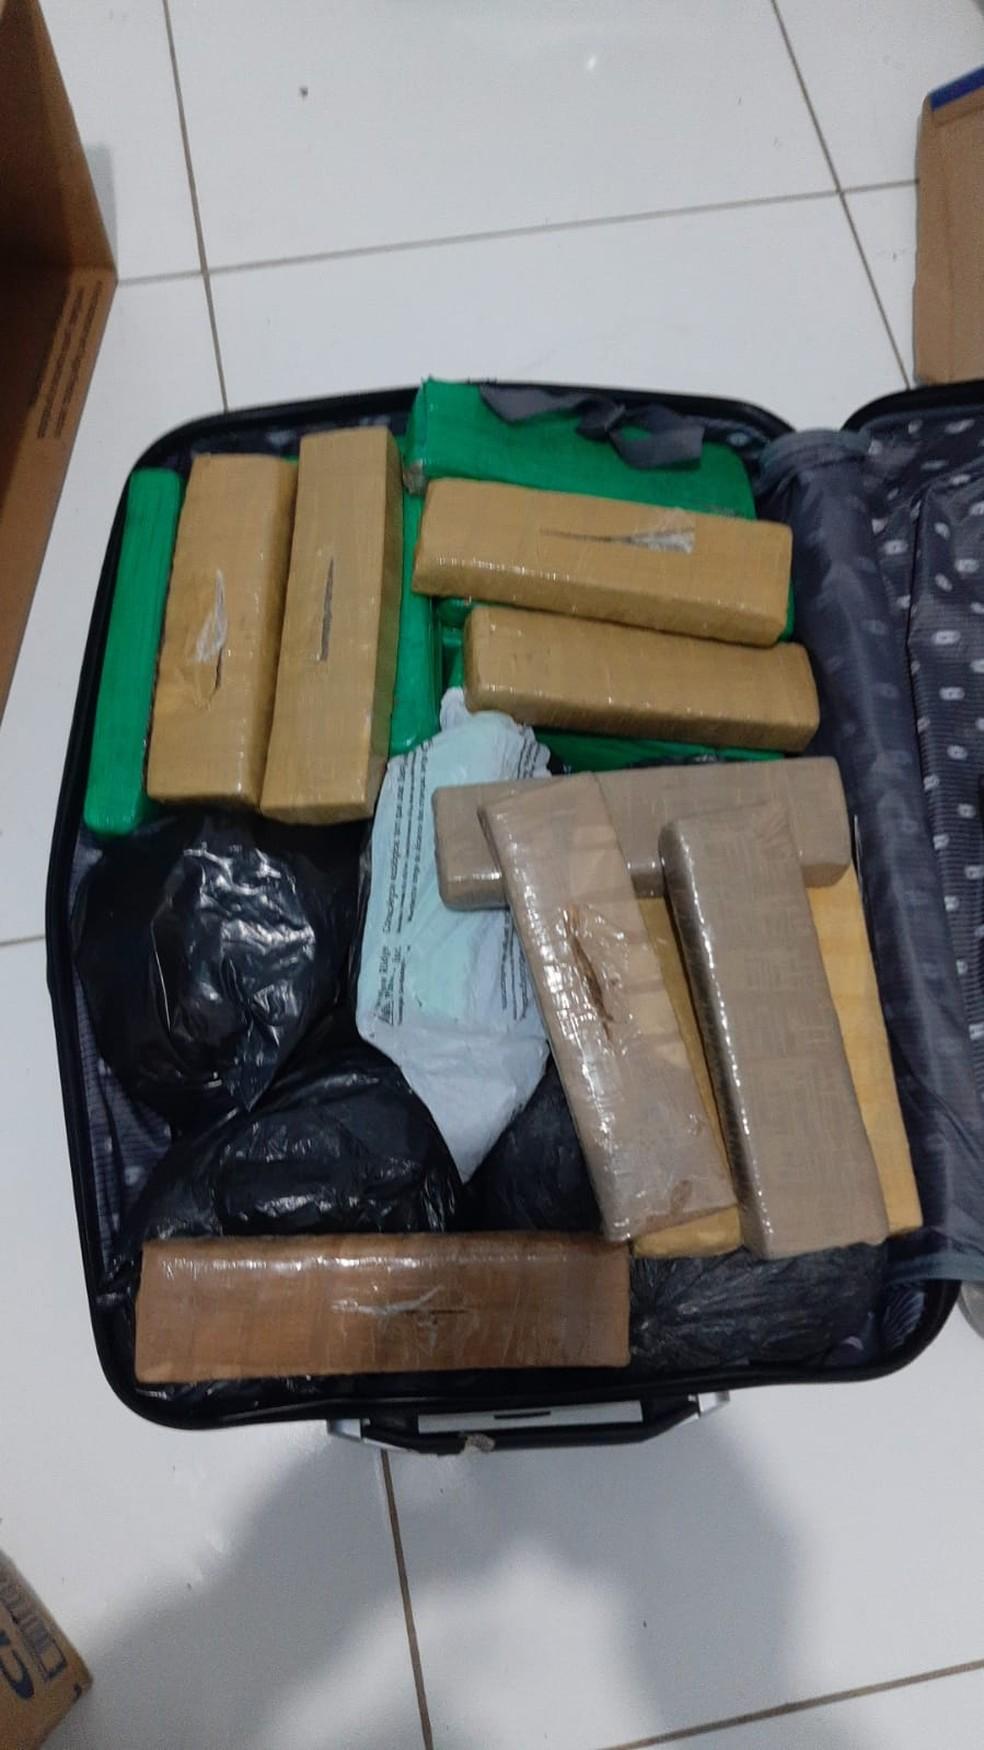 Tabletes de maconha foram apreendidos na ação  — Foto: Polícia Militar